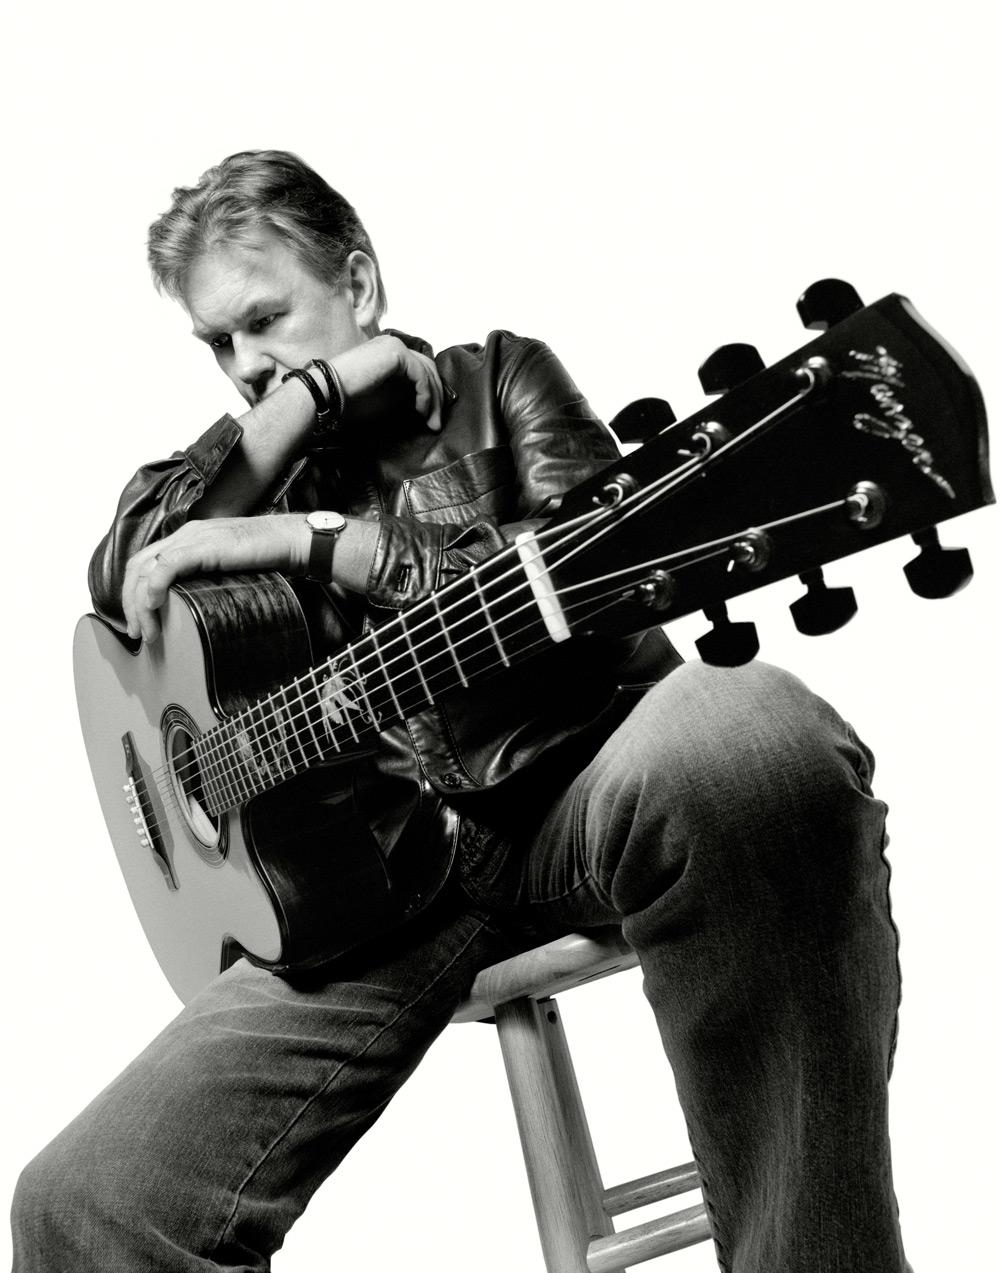 Dave Tutin